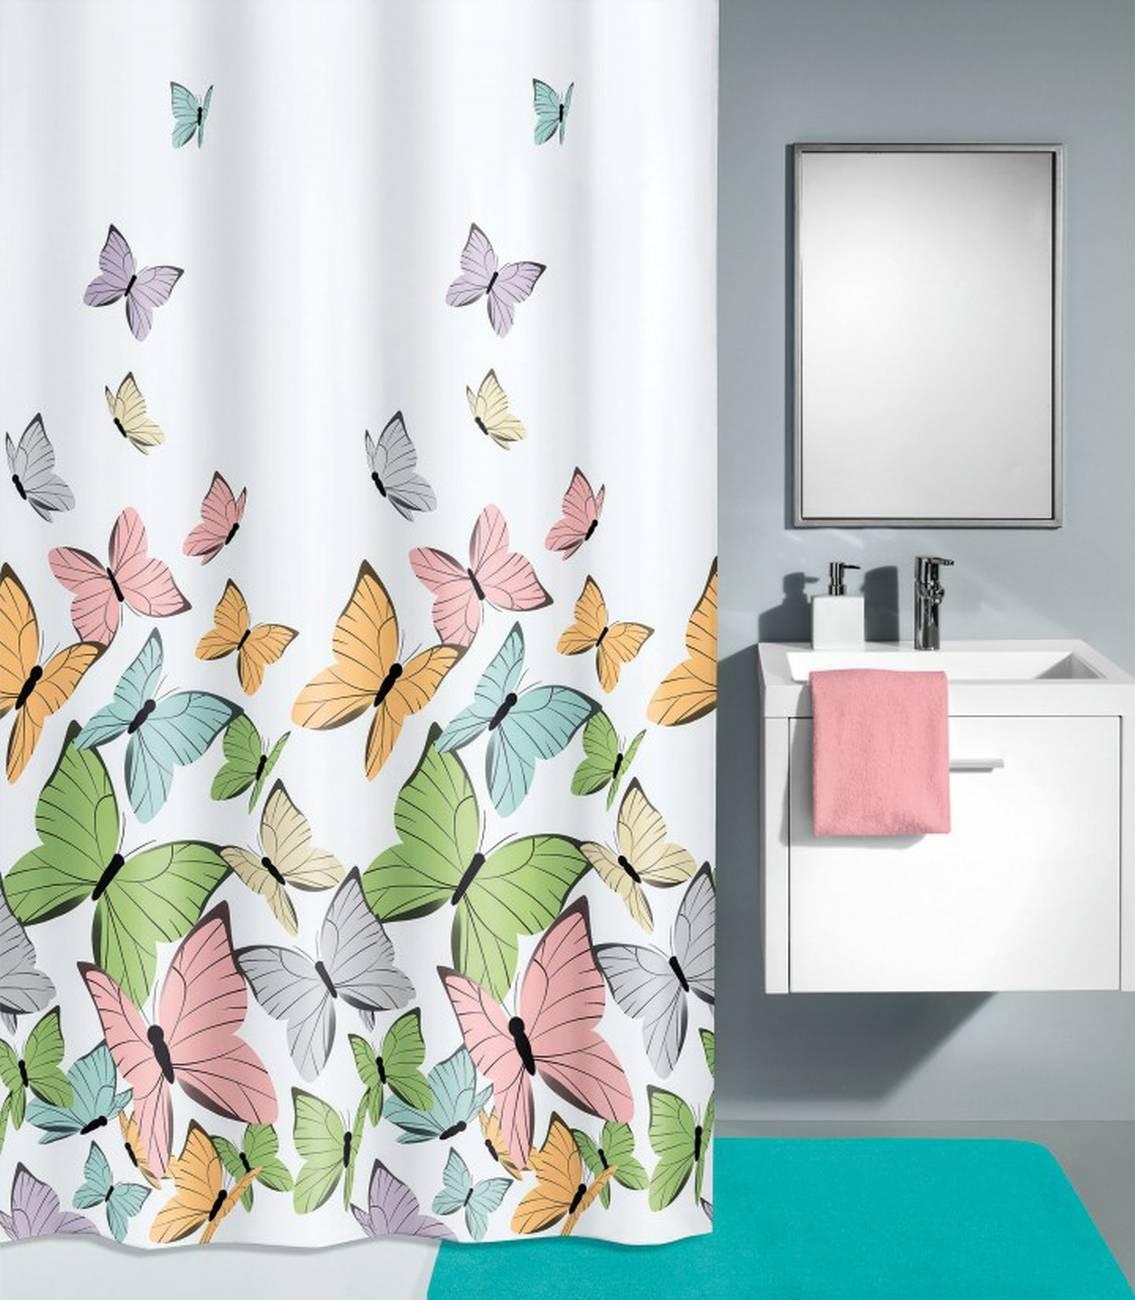 Duschvorhang Butterflies 100 % Polyester Multicolor 240x180 cm